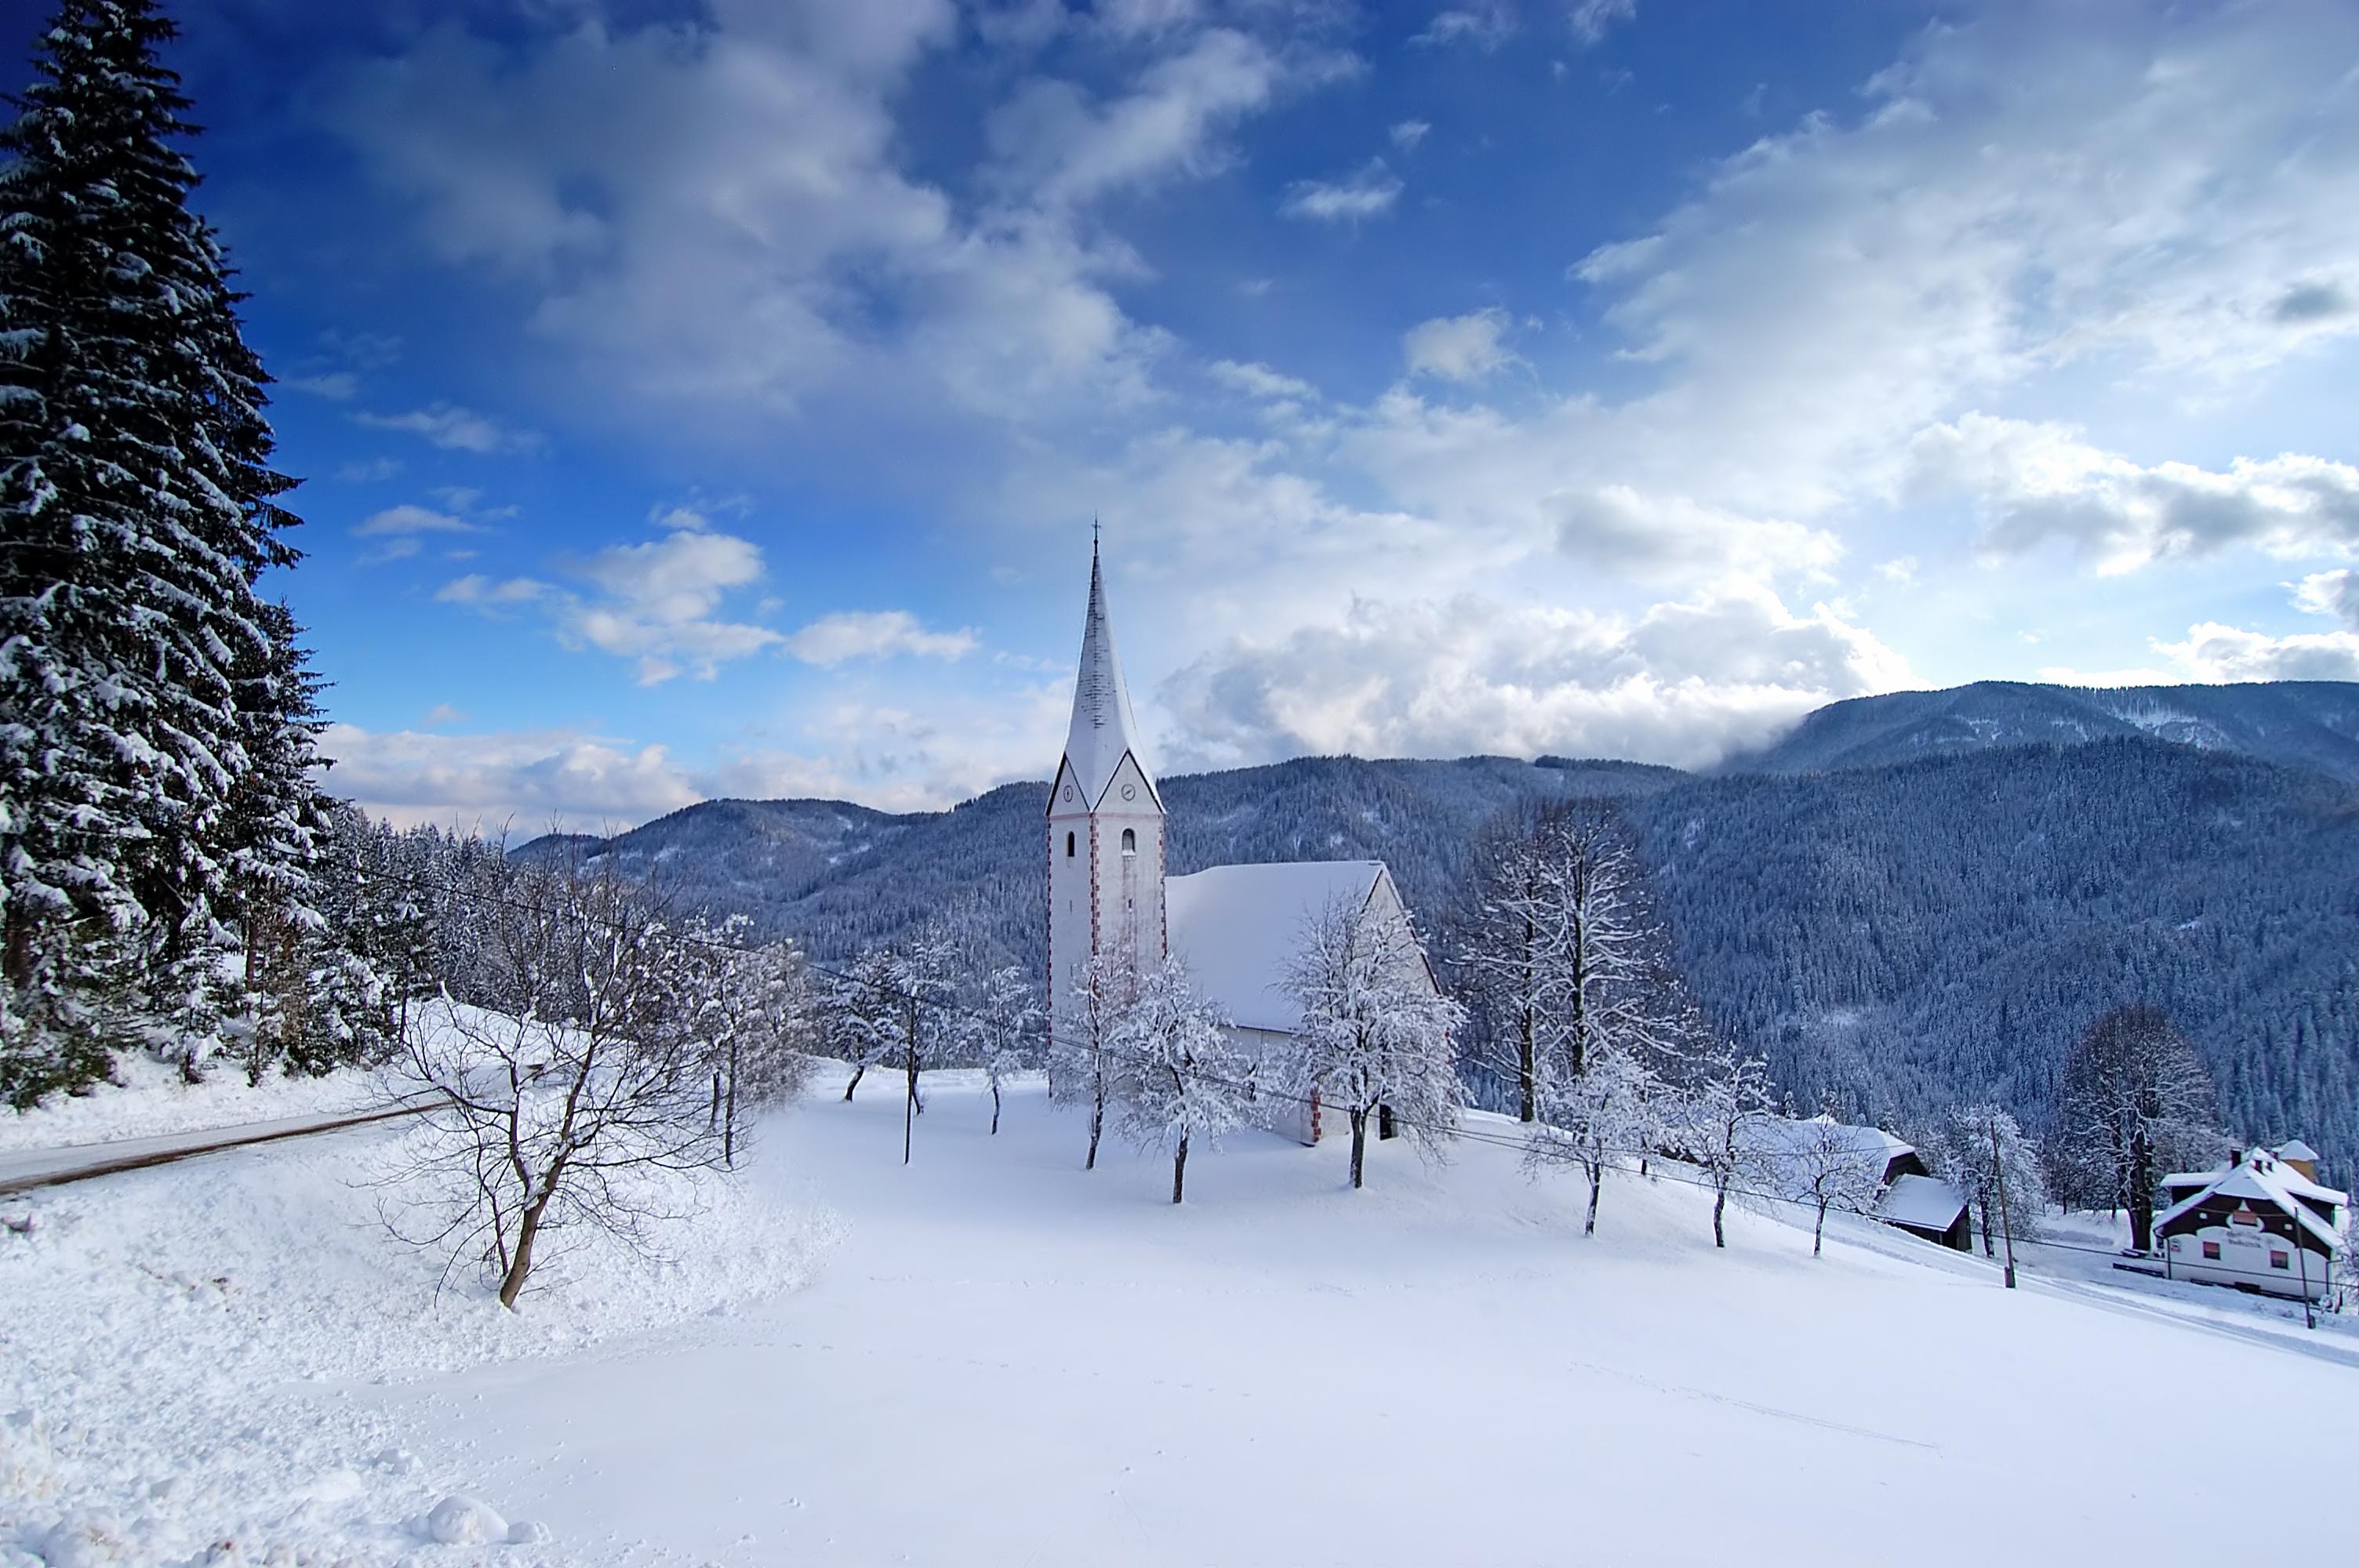 冰雪世界 冬日里的风景高清组图欣赏-第5页-高清频道